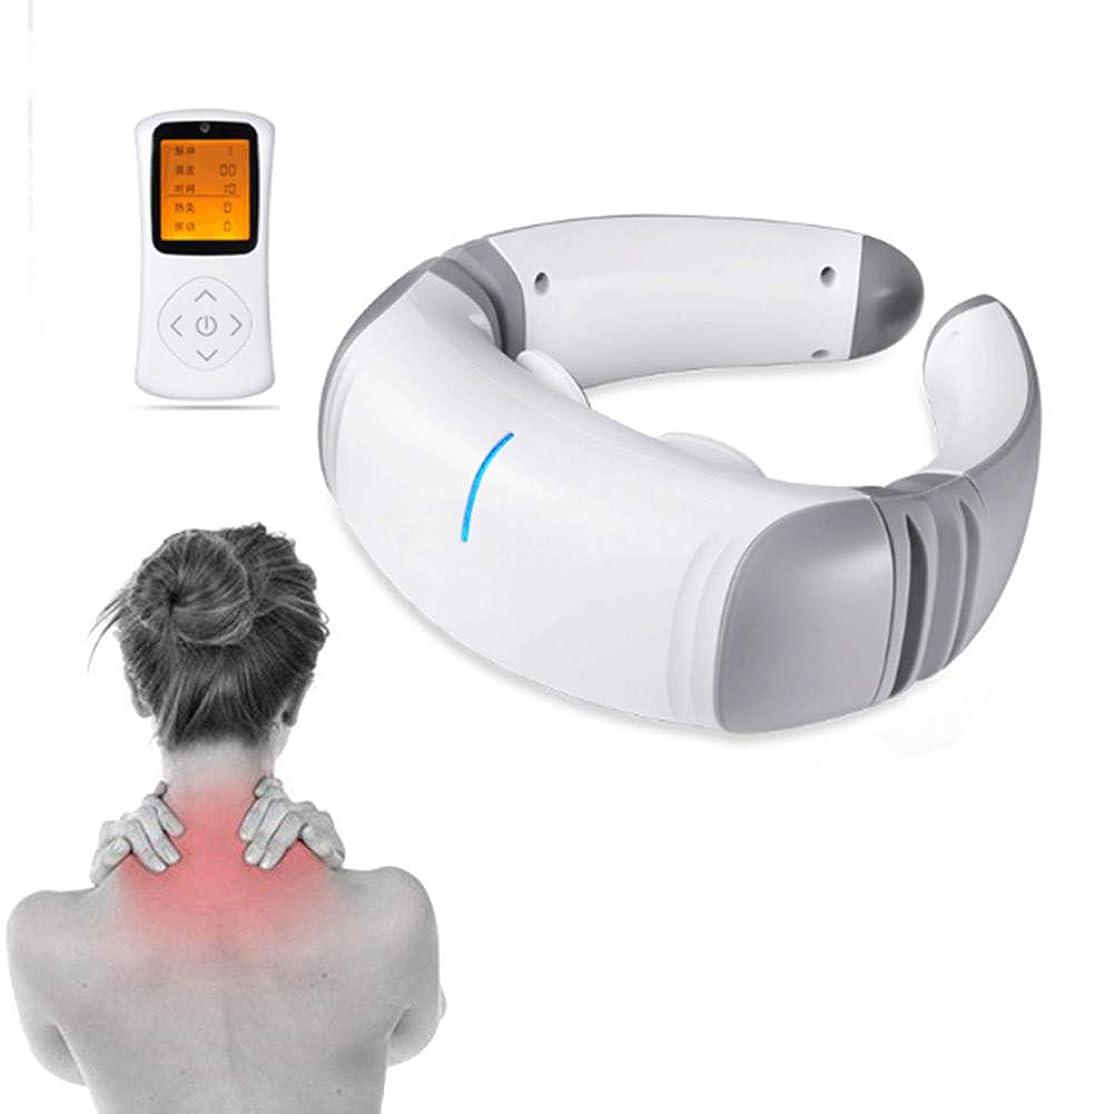 びんセットアップ悪因子理性的な首の肩のマッサージャー、3D電磁石の脈拍、暖房機能の頚部腰の足の椎骨のマッサージャー、高周波振動、車、オフィス、家のため